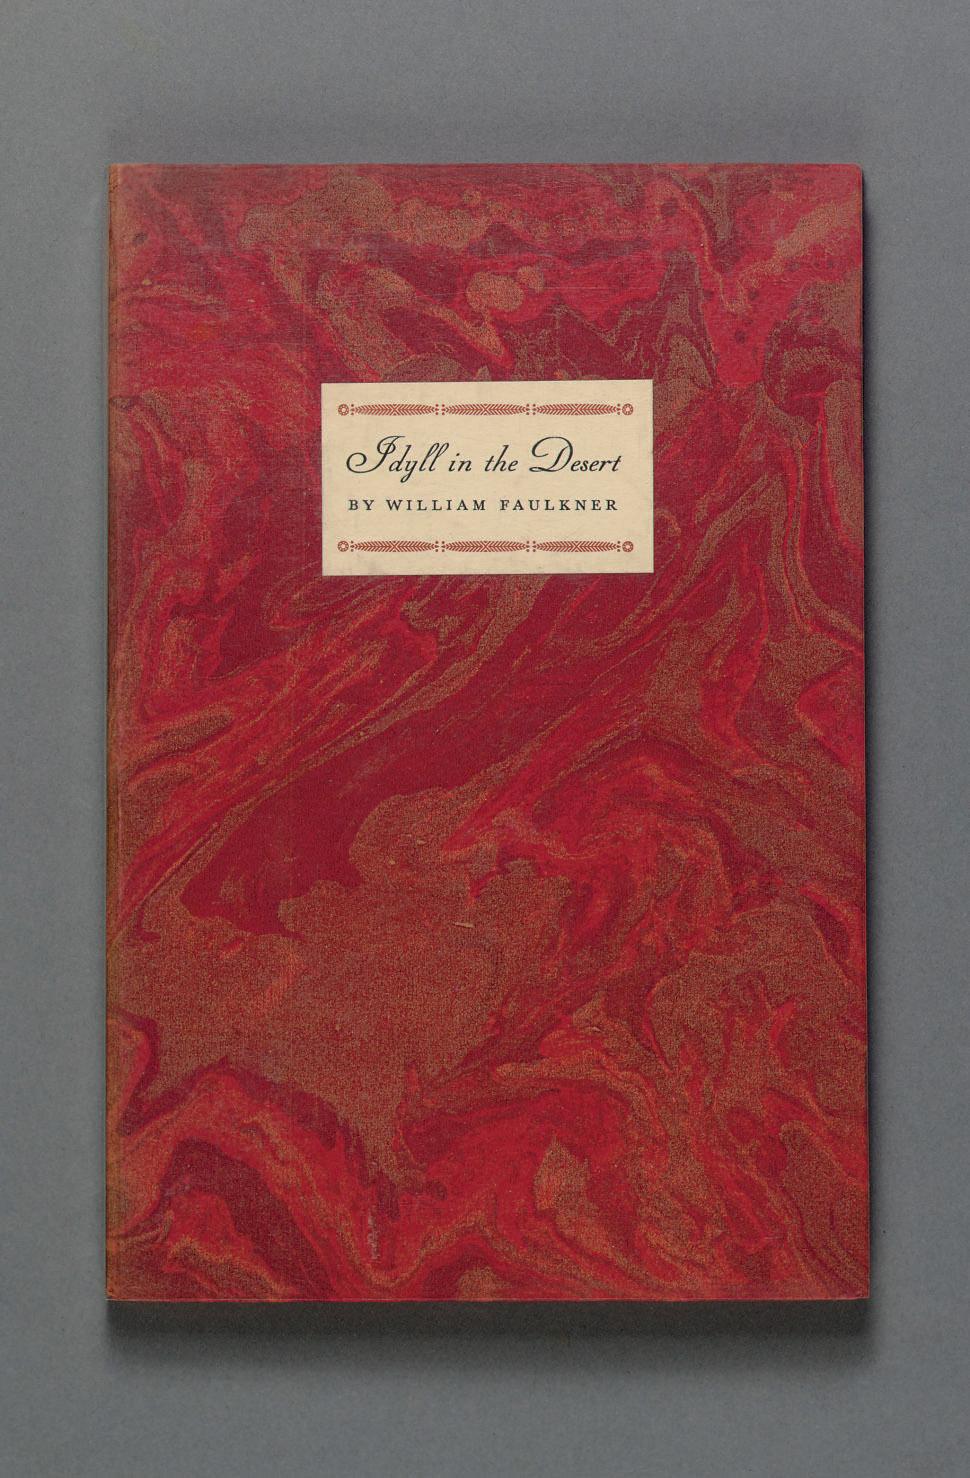 FAULKNER, William. Idyll in the Desert. New York: Random House, 1931.